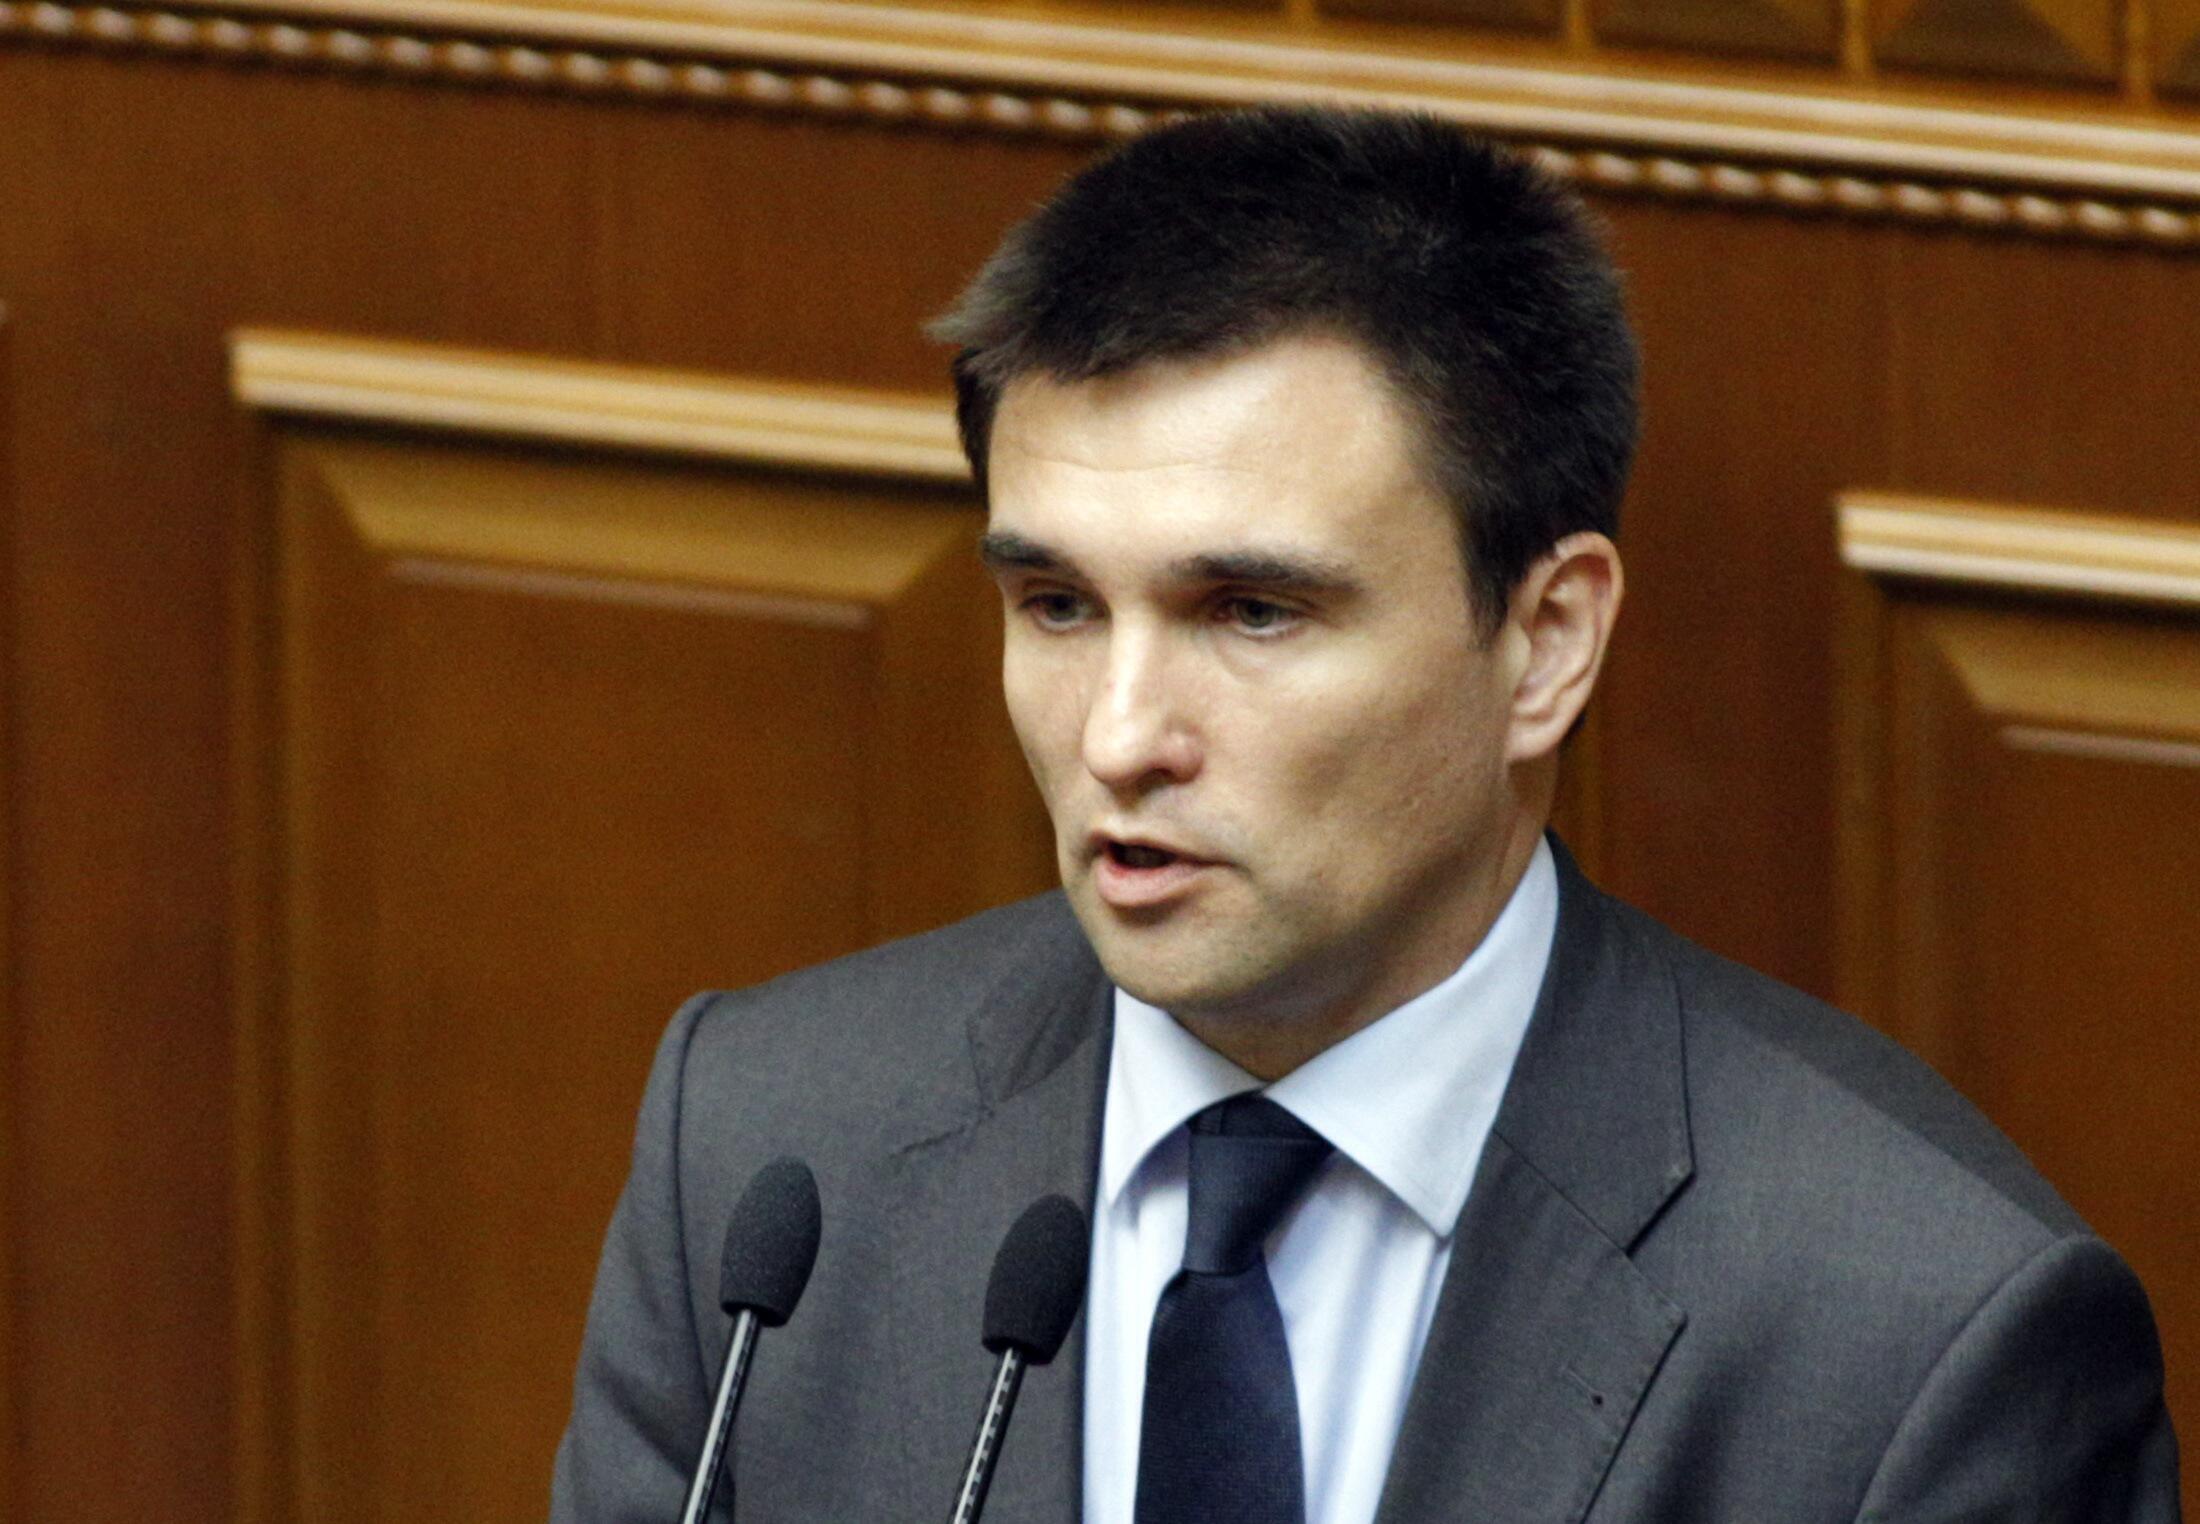 Ministro das Relações Exteriores da Ucrânia Pavlo Klimkin participa da reunião e defenderá o plano de paz proposto pelo presidente ucraniano, Pero Porochenko.